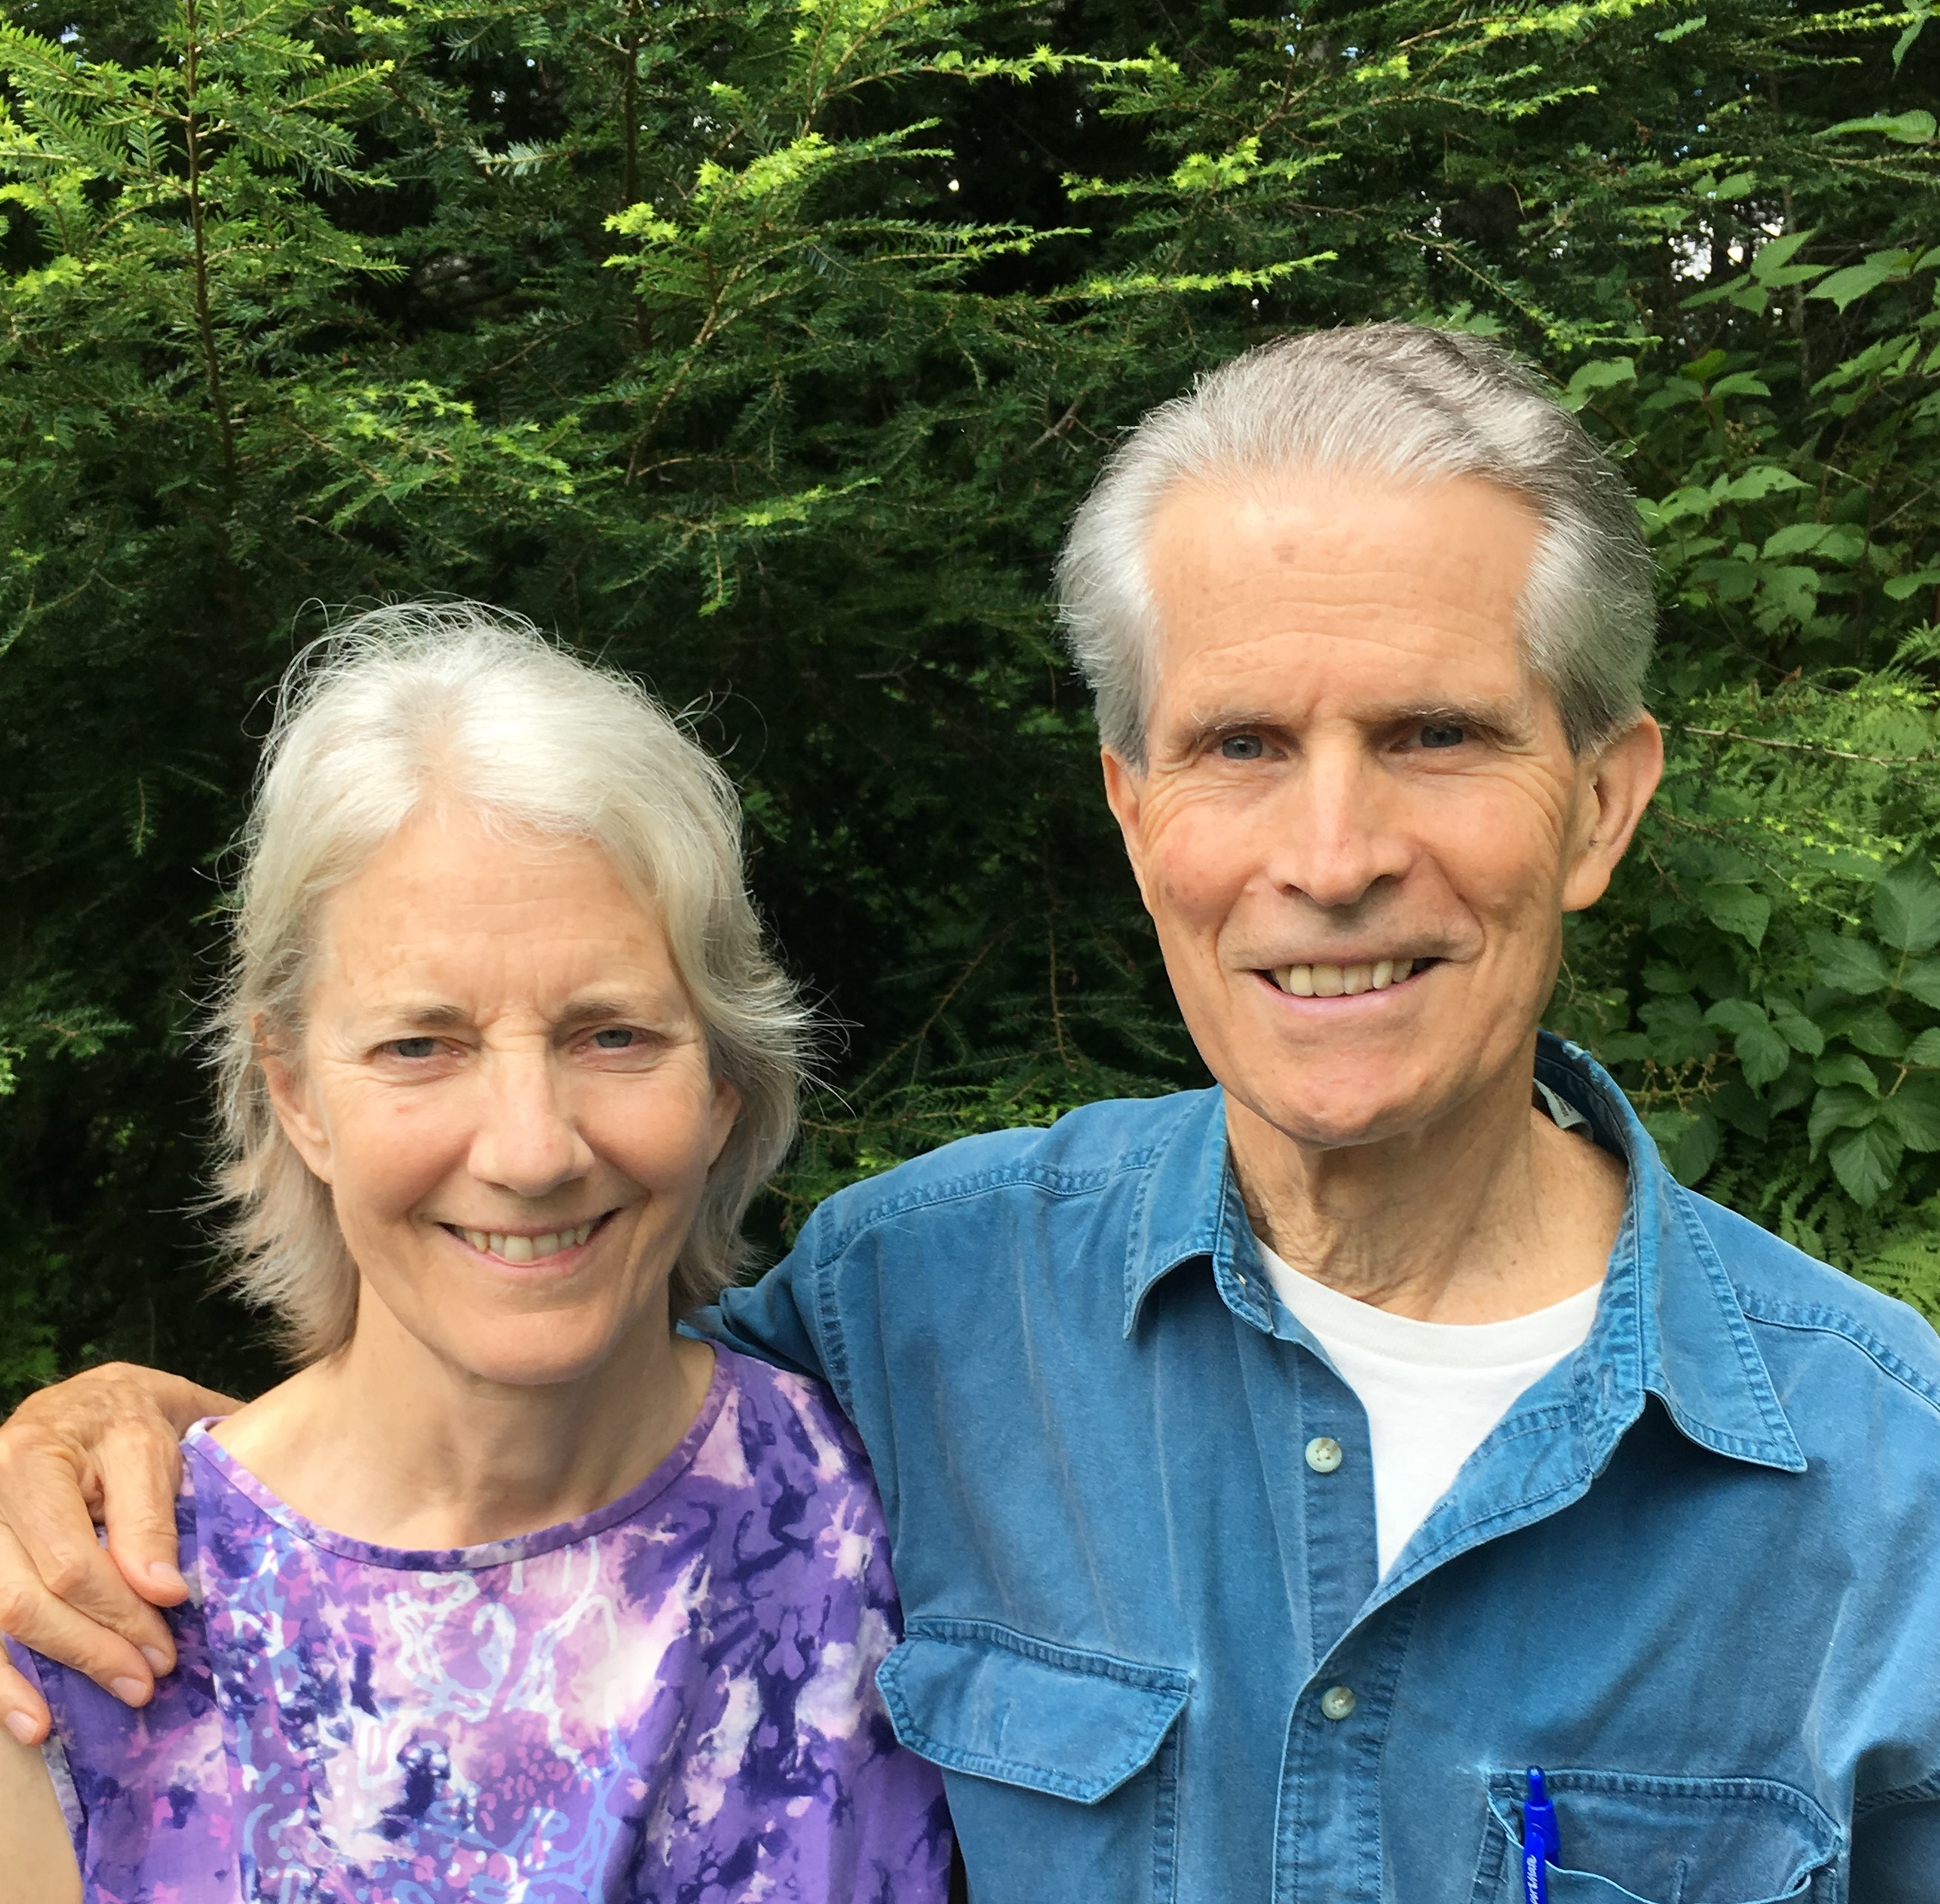 Betsy & Randy - July 2019